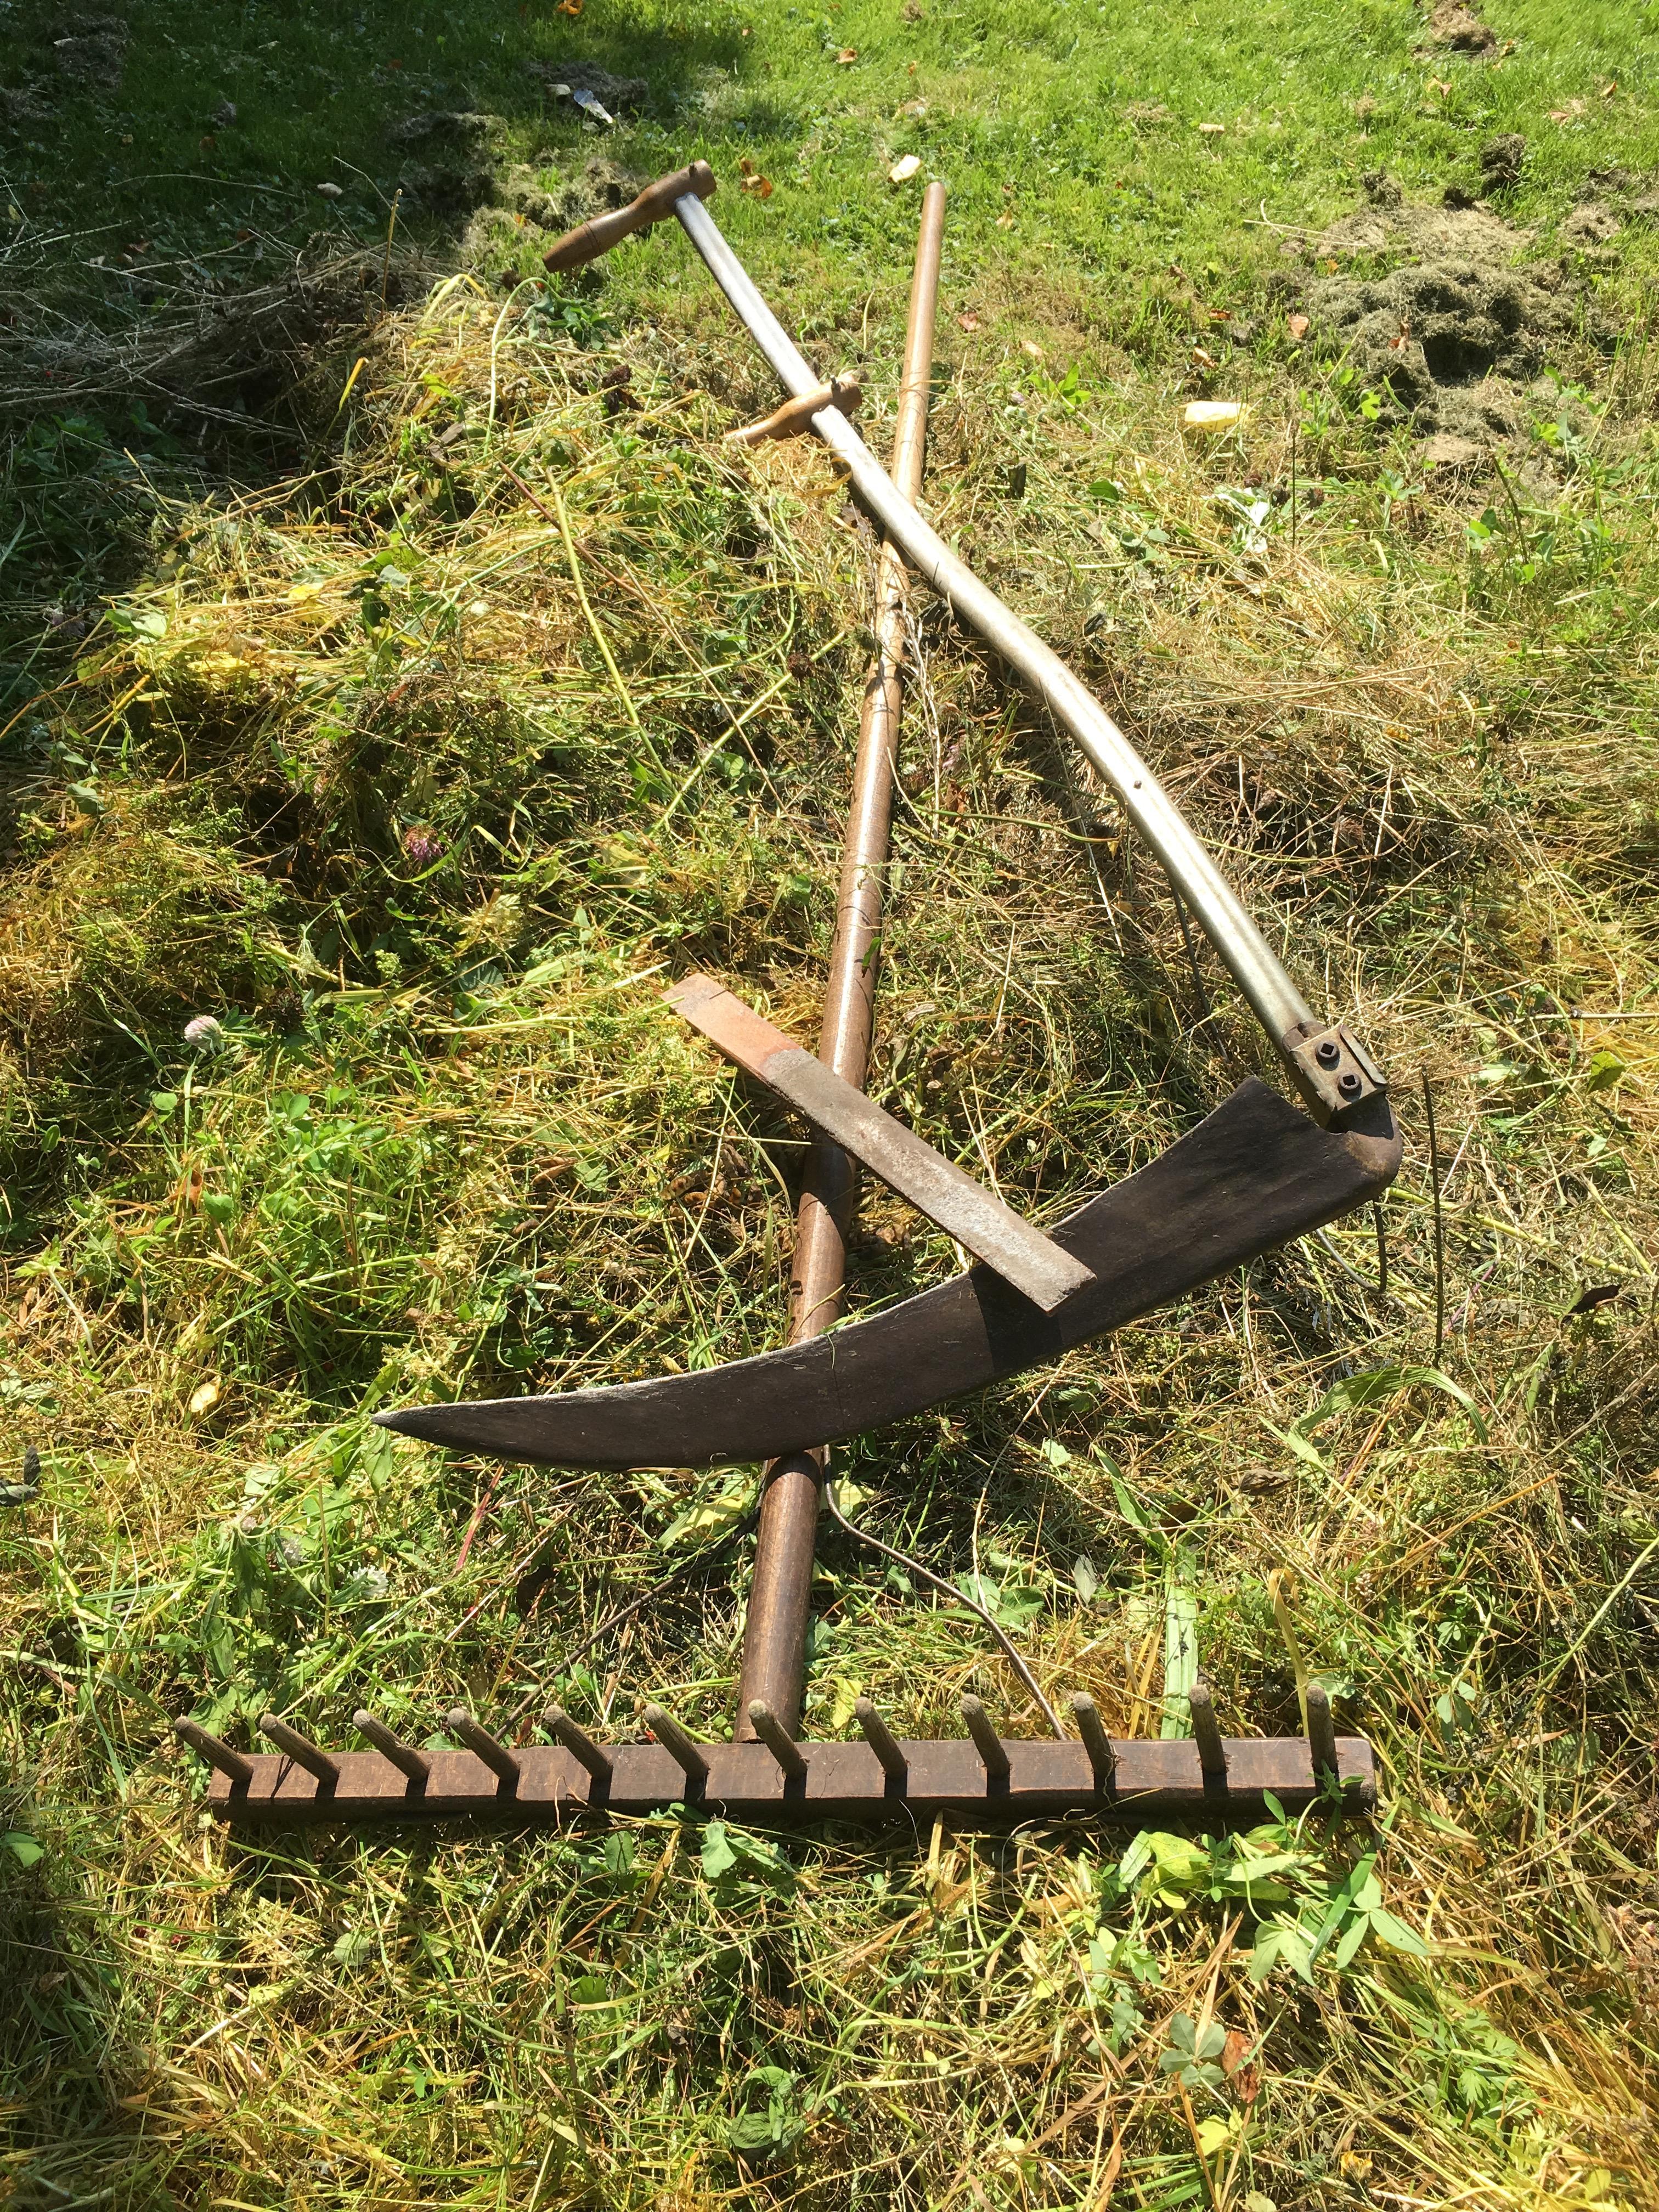 Mein Gerät: eine Sense mit Wetzstein und eine Holzharke zum Wenden